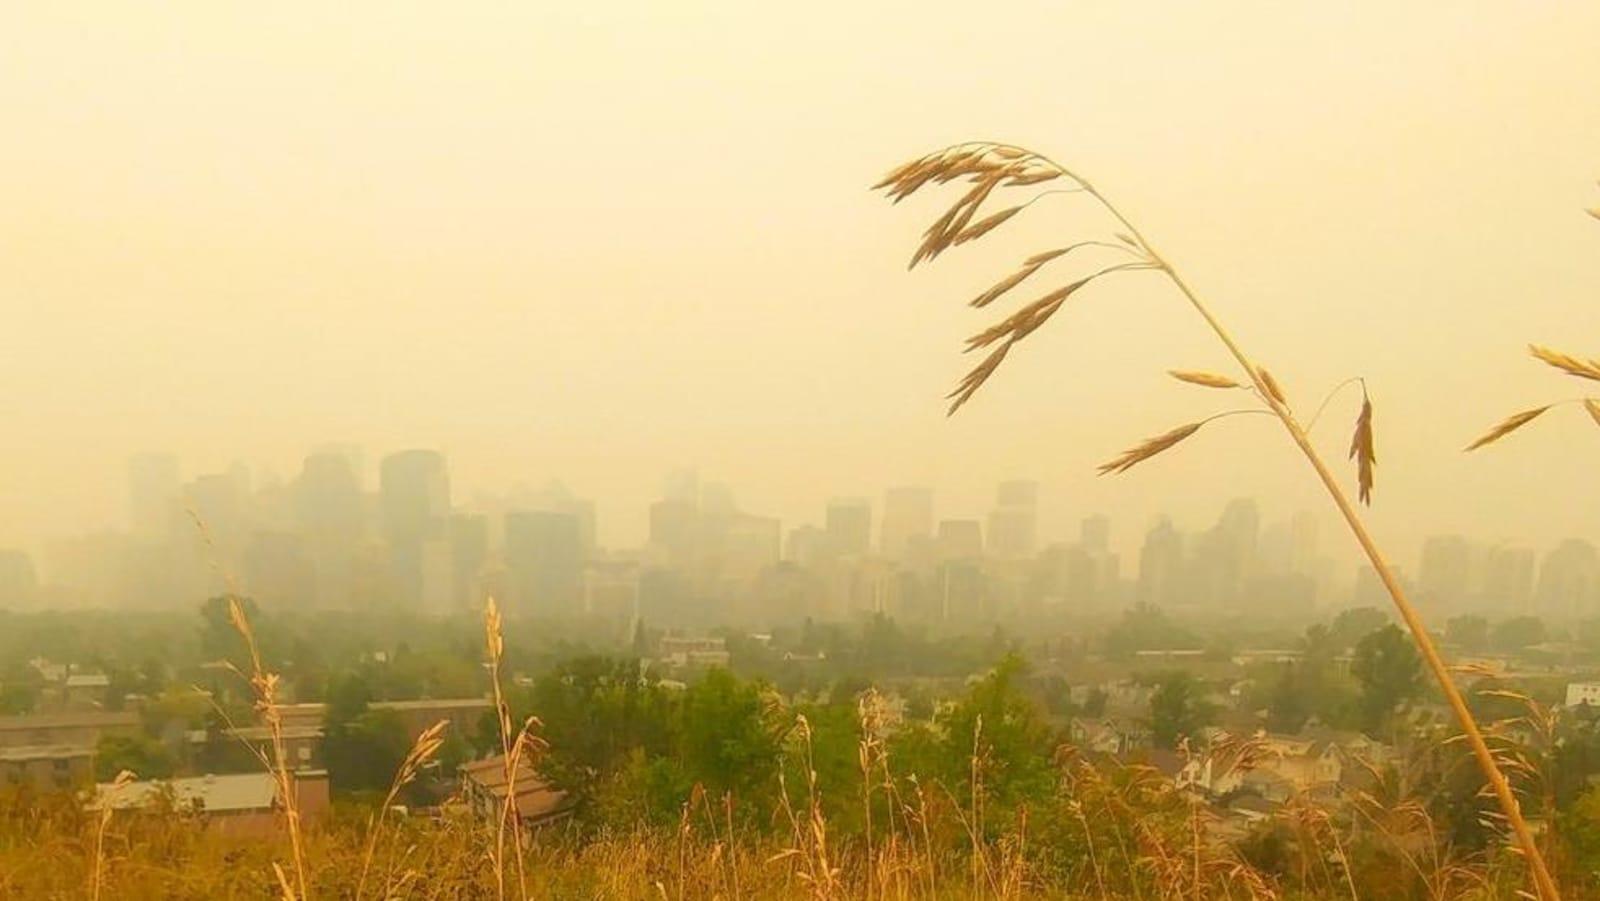 Vue sur une ville avec des bâtisses qu'on ne voit à peine en raison de la fumée.